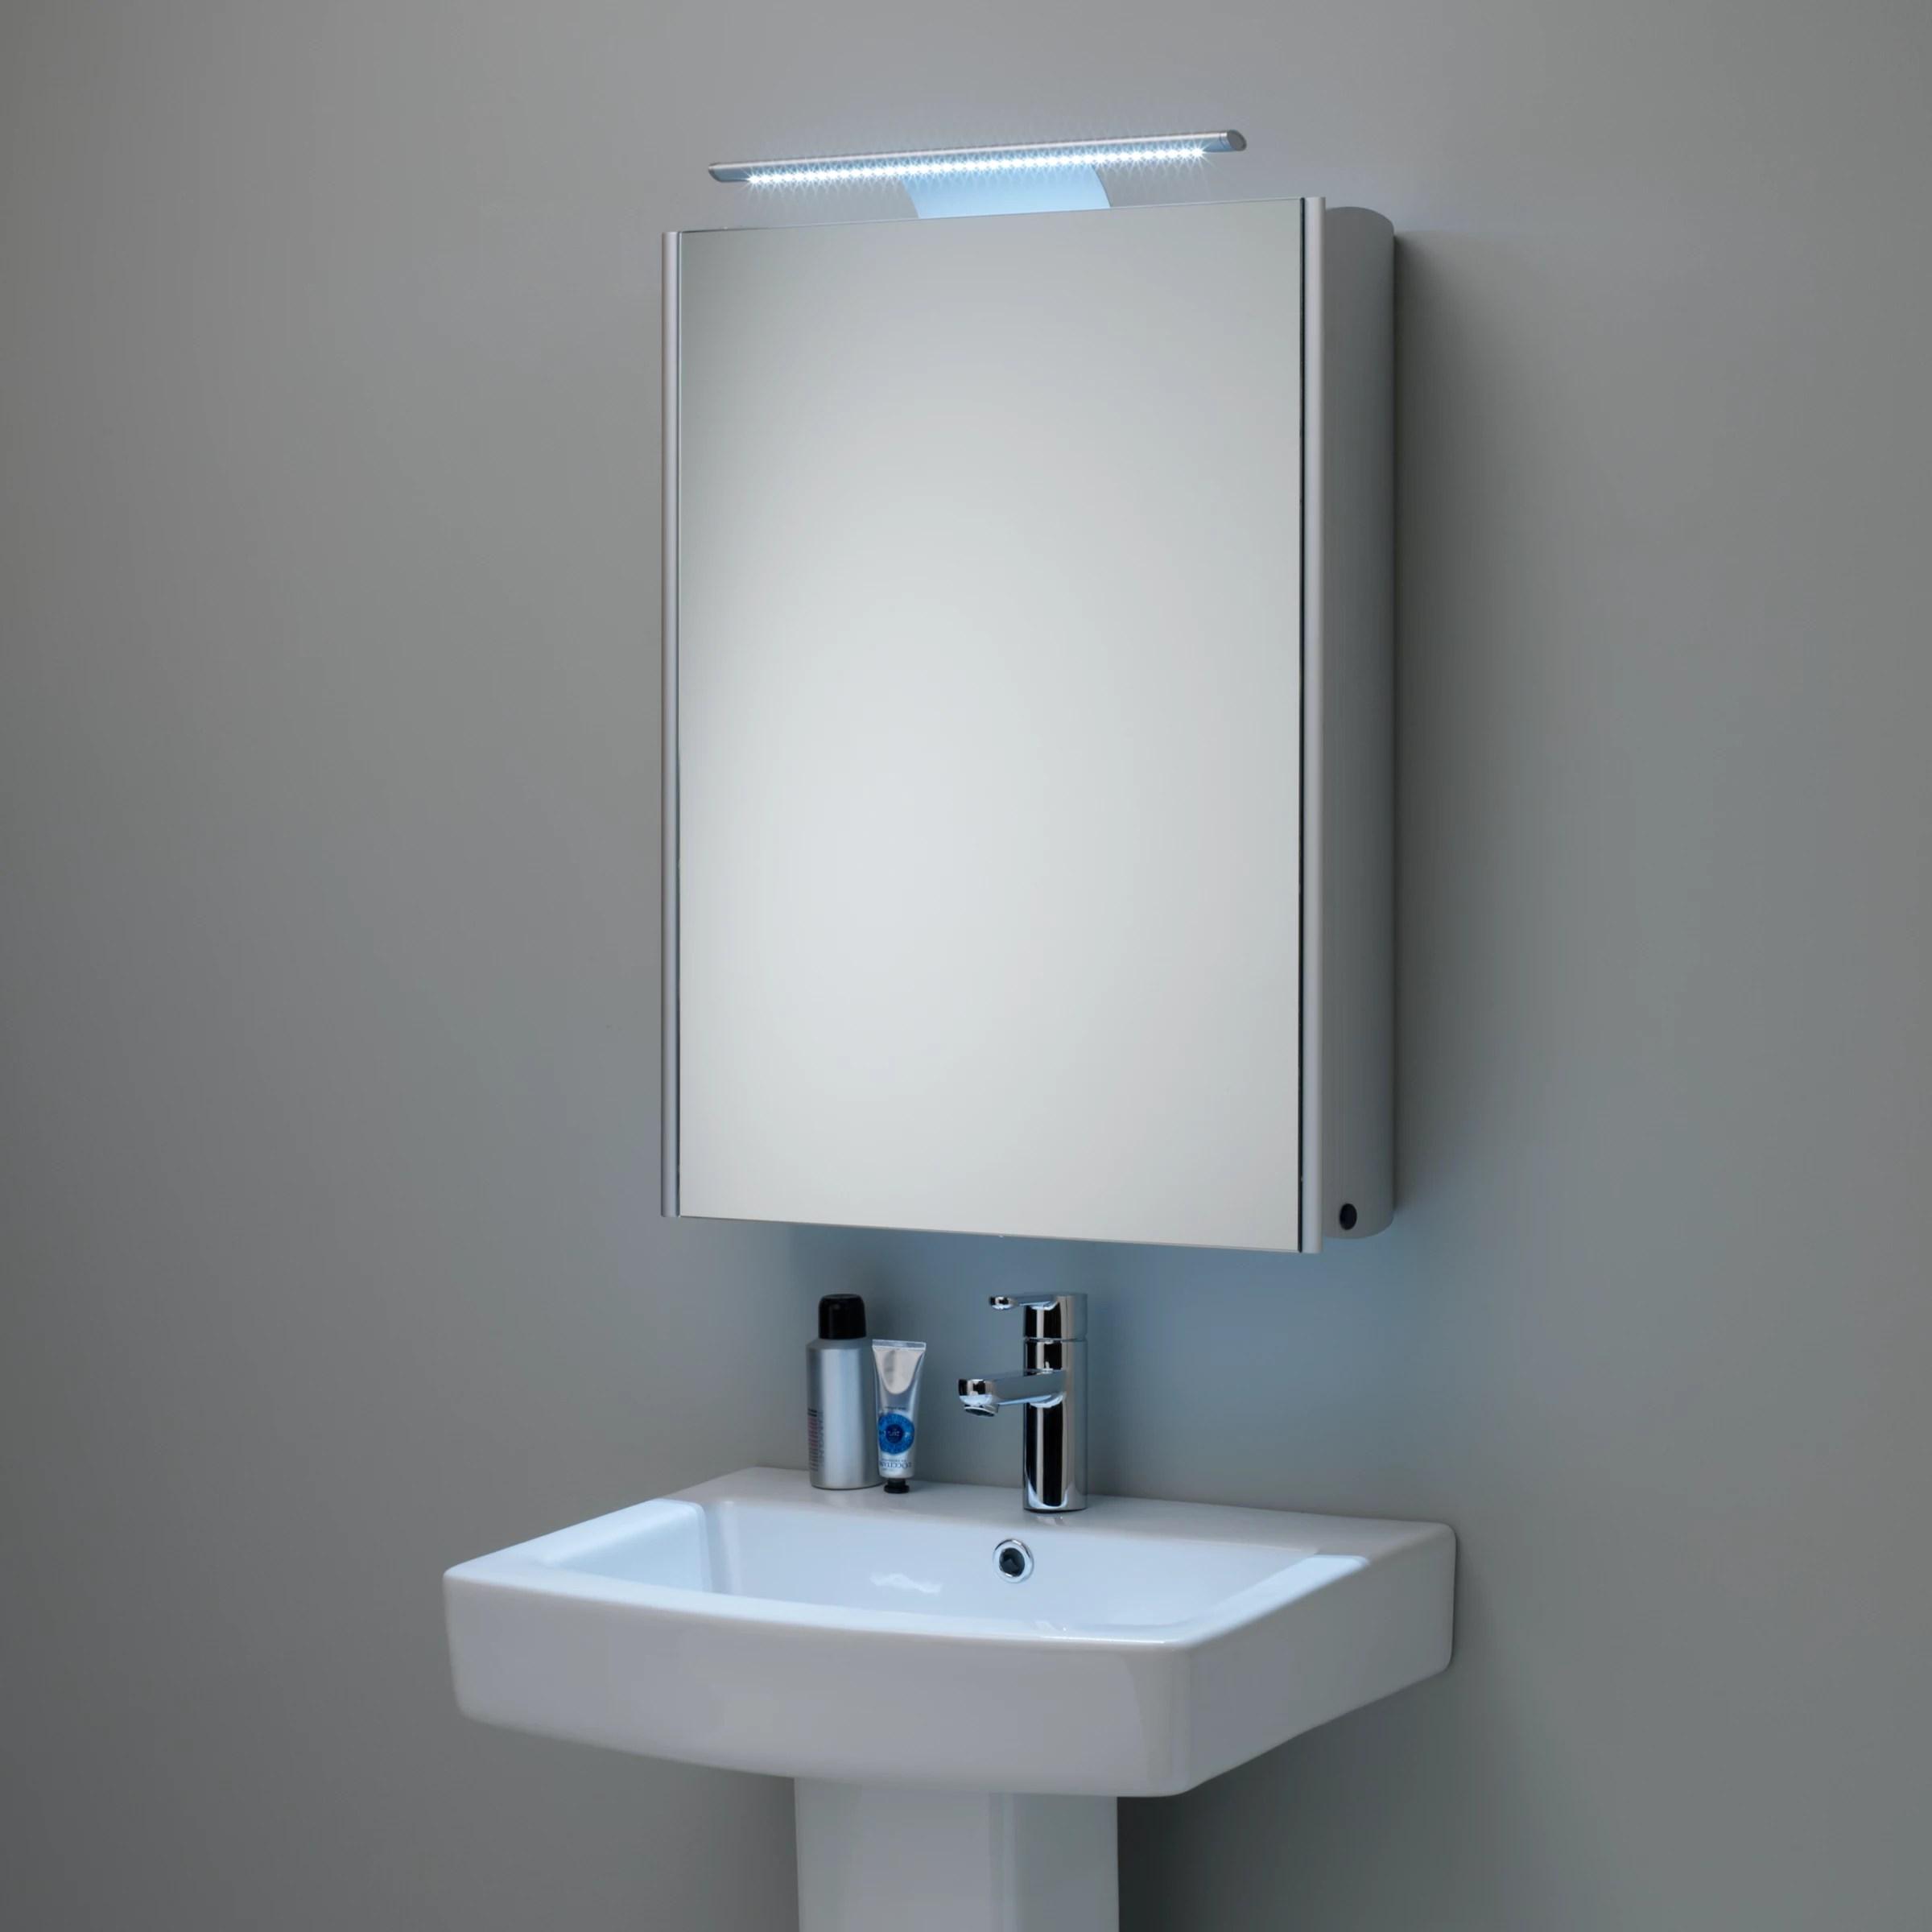 Buy Roper Rhodes Equinox Illuminated Single Mirrored